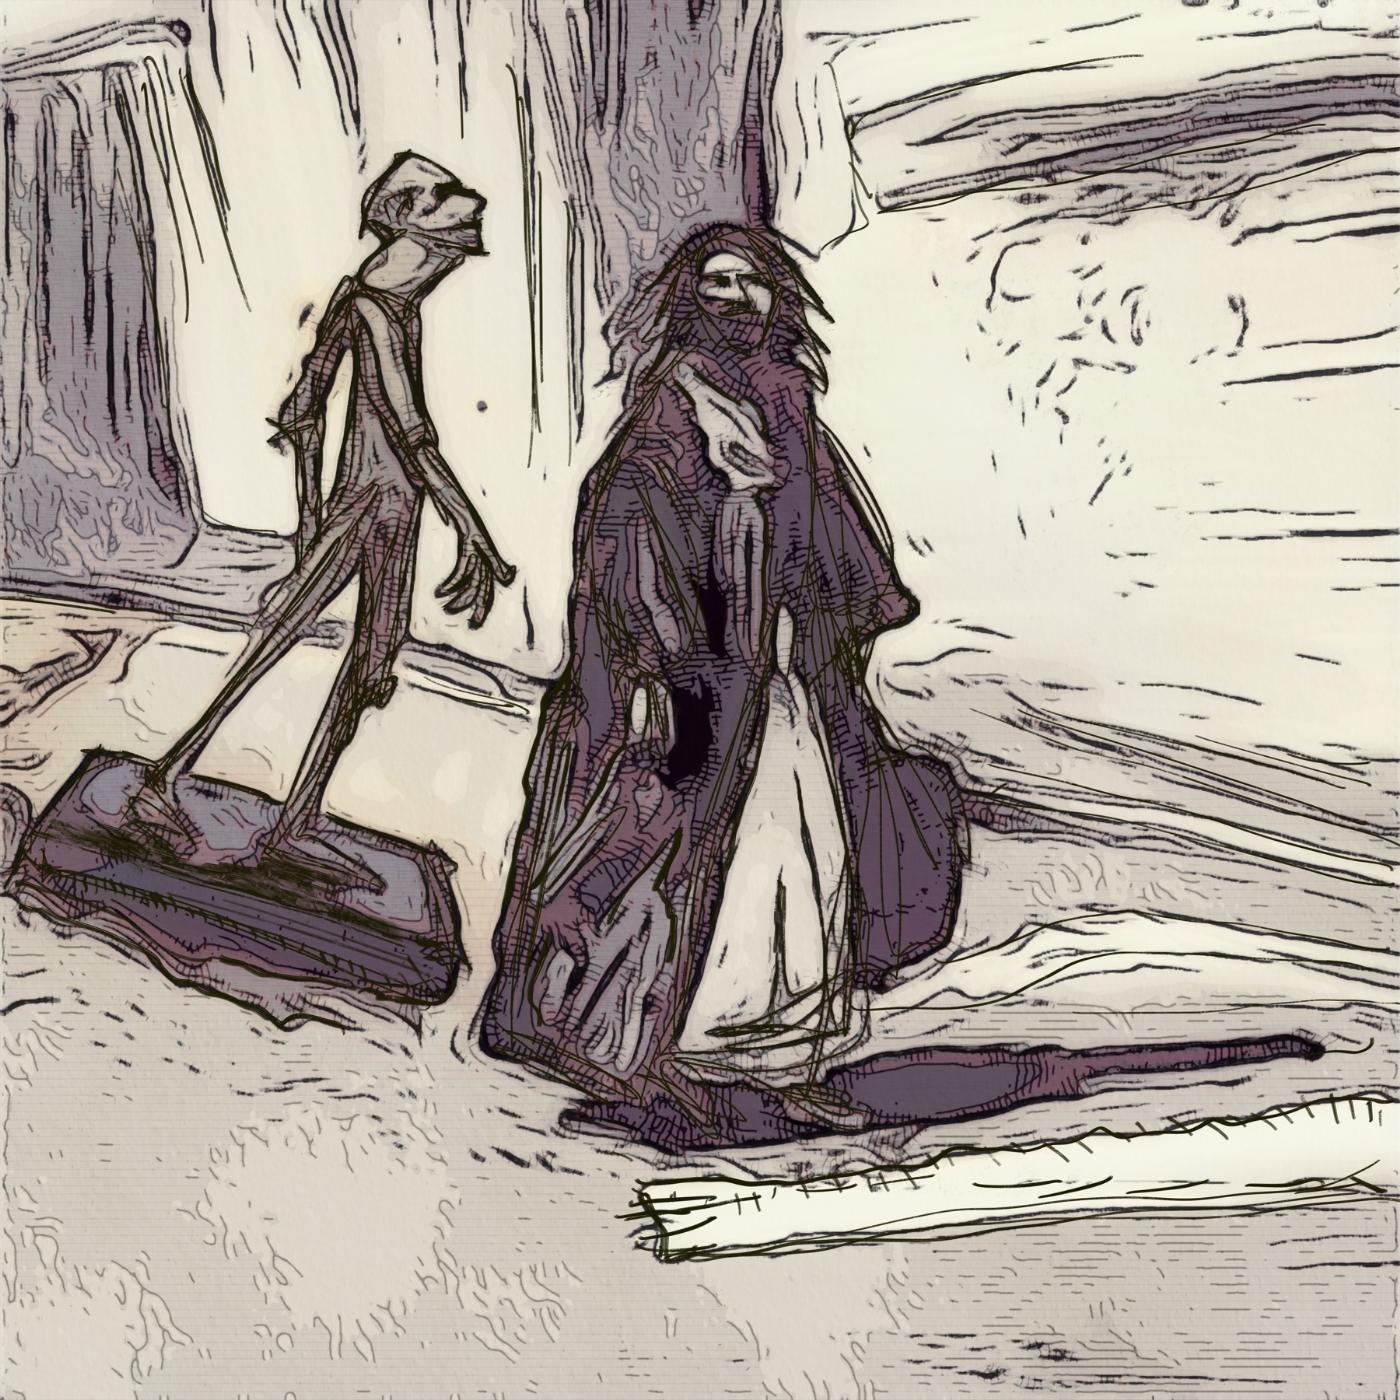 Far og søn | Tegning | Detail 1